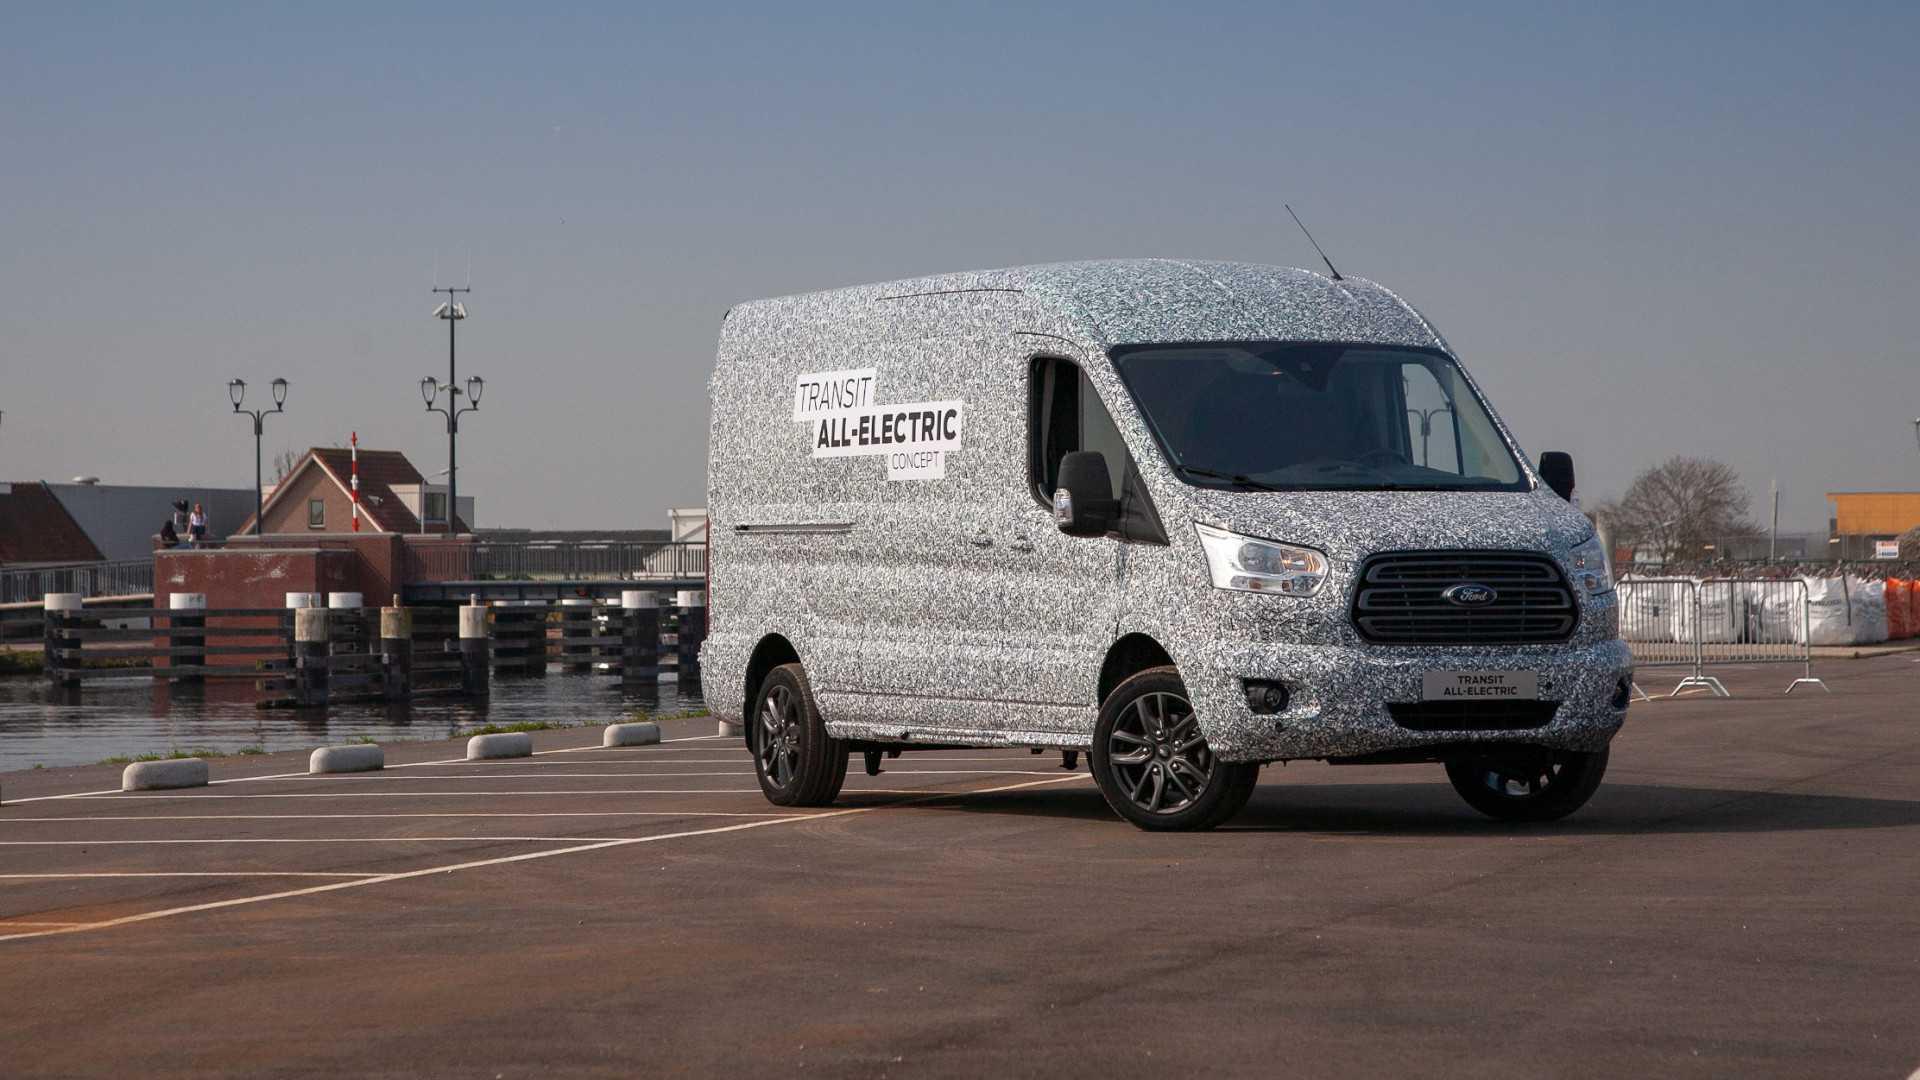 Форд презентовал электрическую версию своего коммерческого автомобиля Transit в названии которого прибавилась литера E